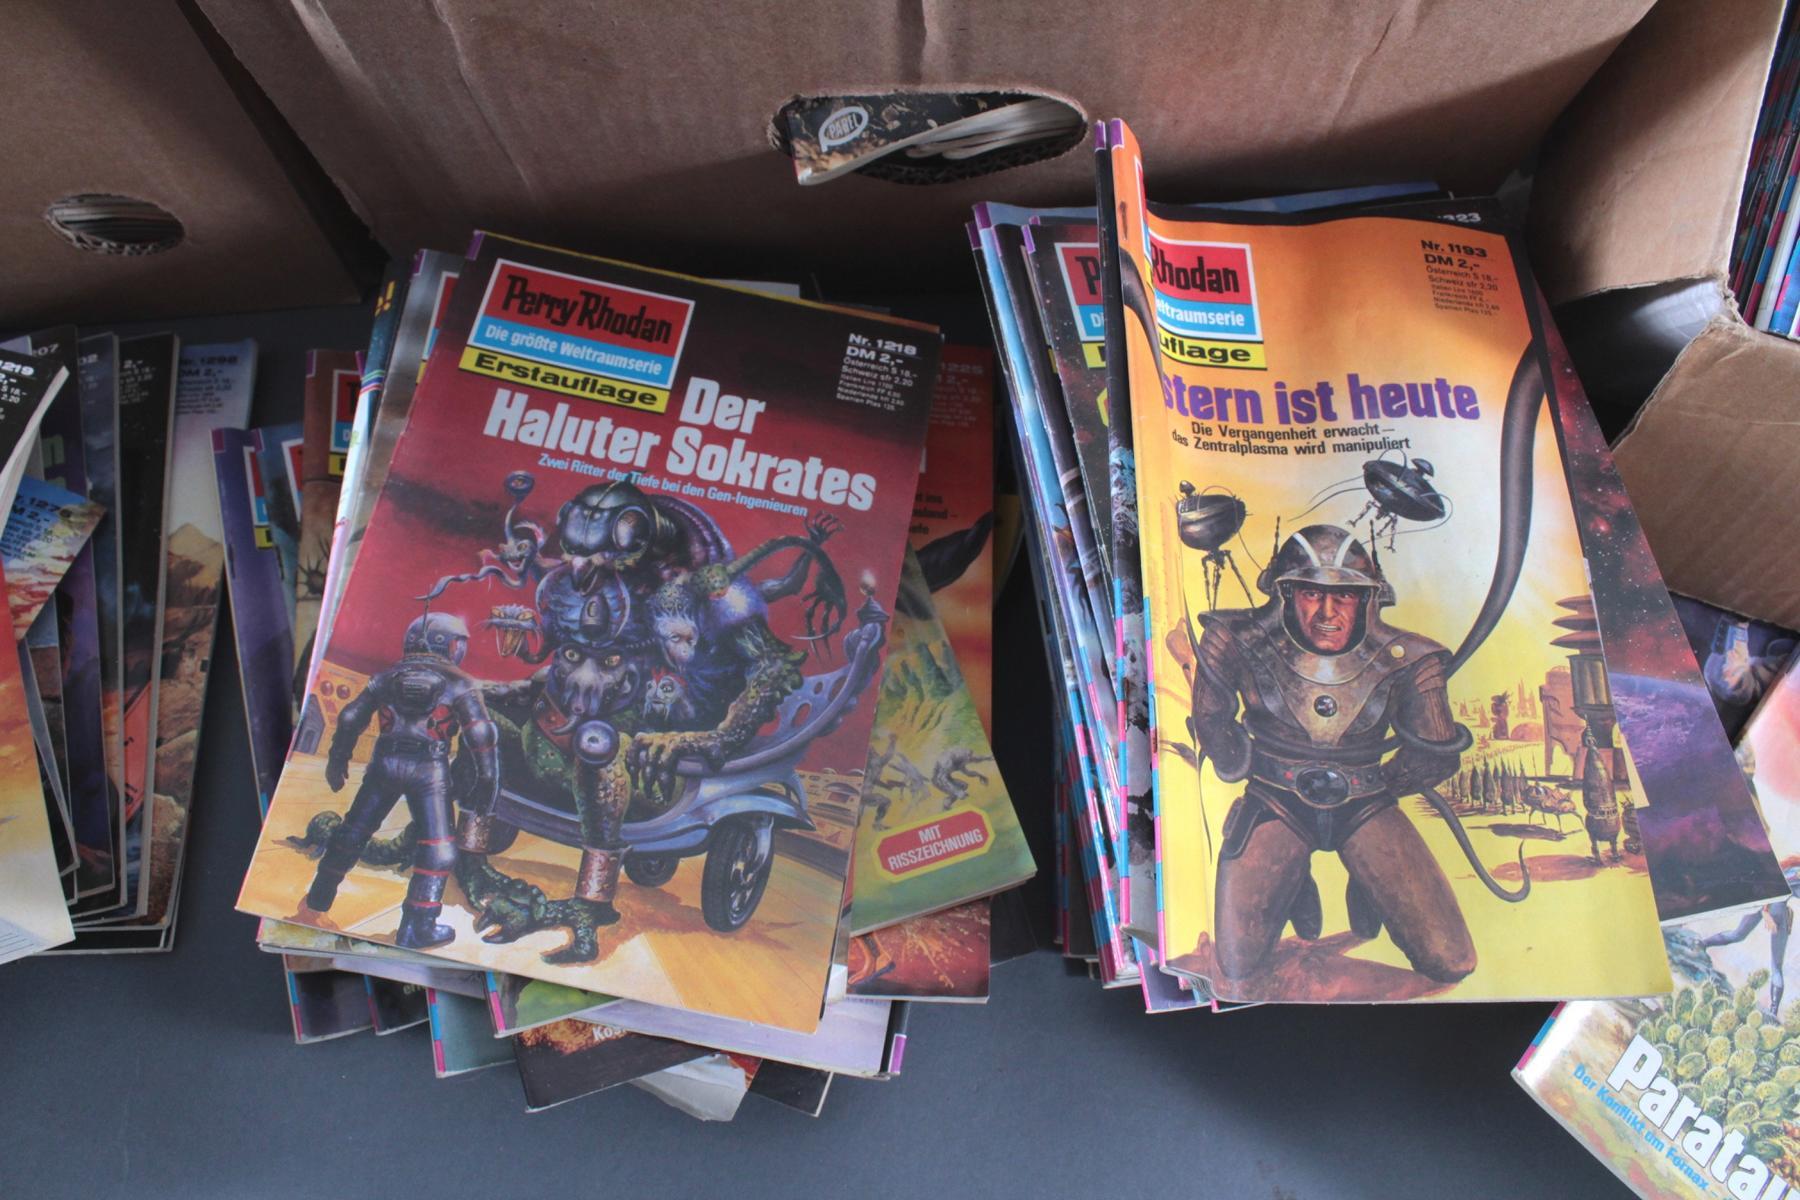 Sammlung Perry Rodan Hefte, dabei auch Erstauflage-5